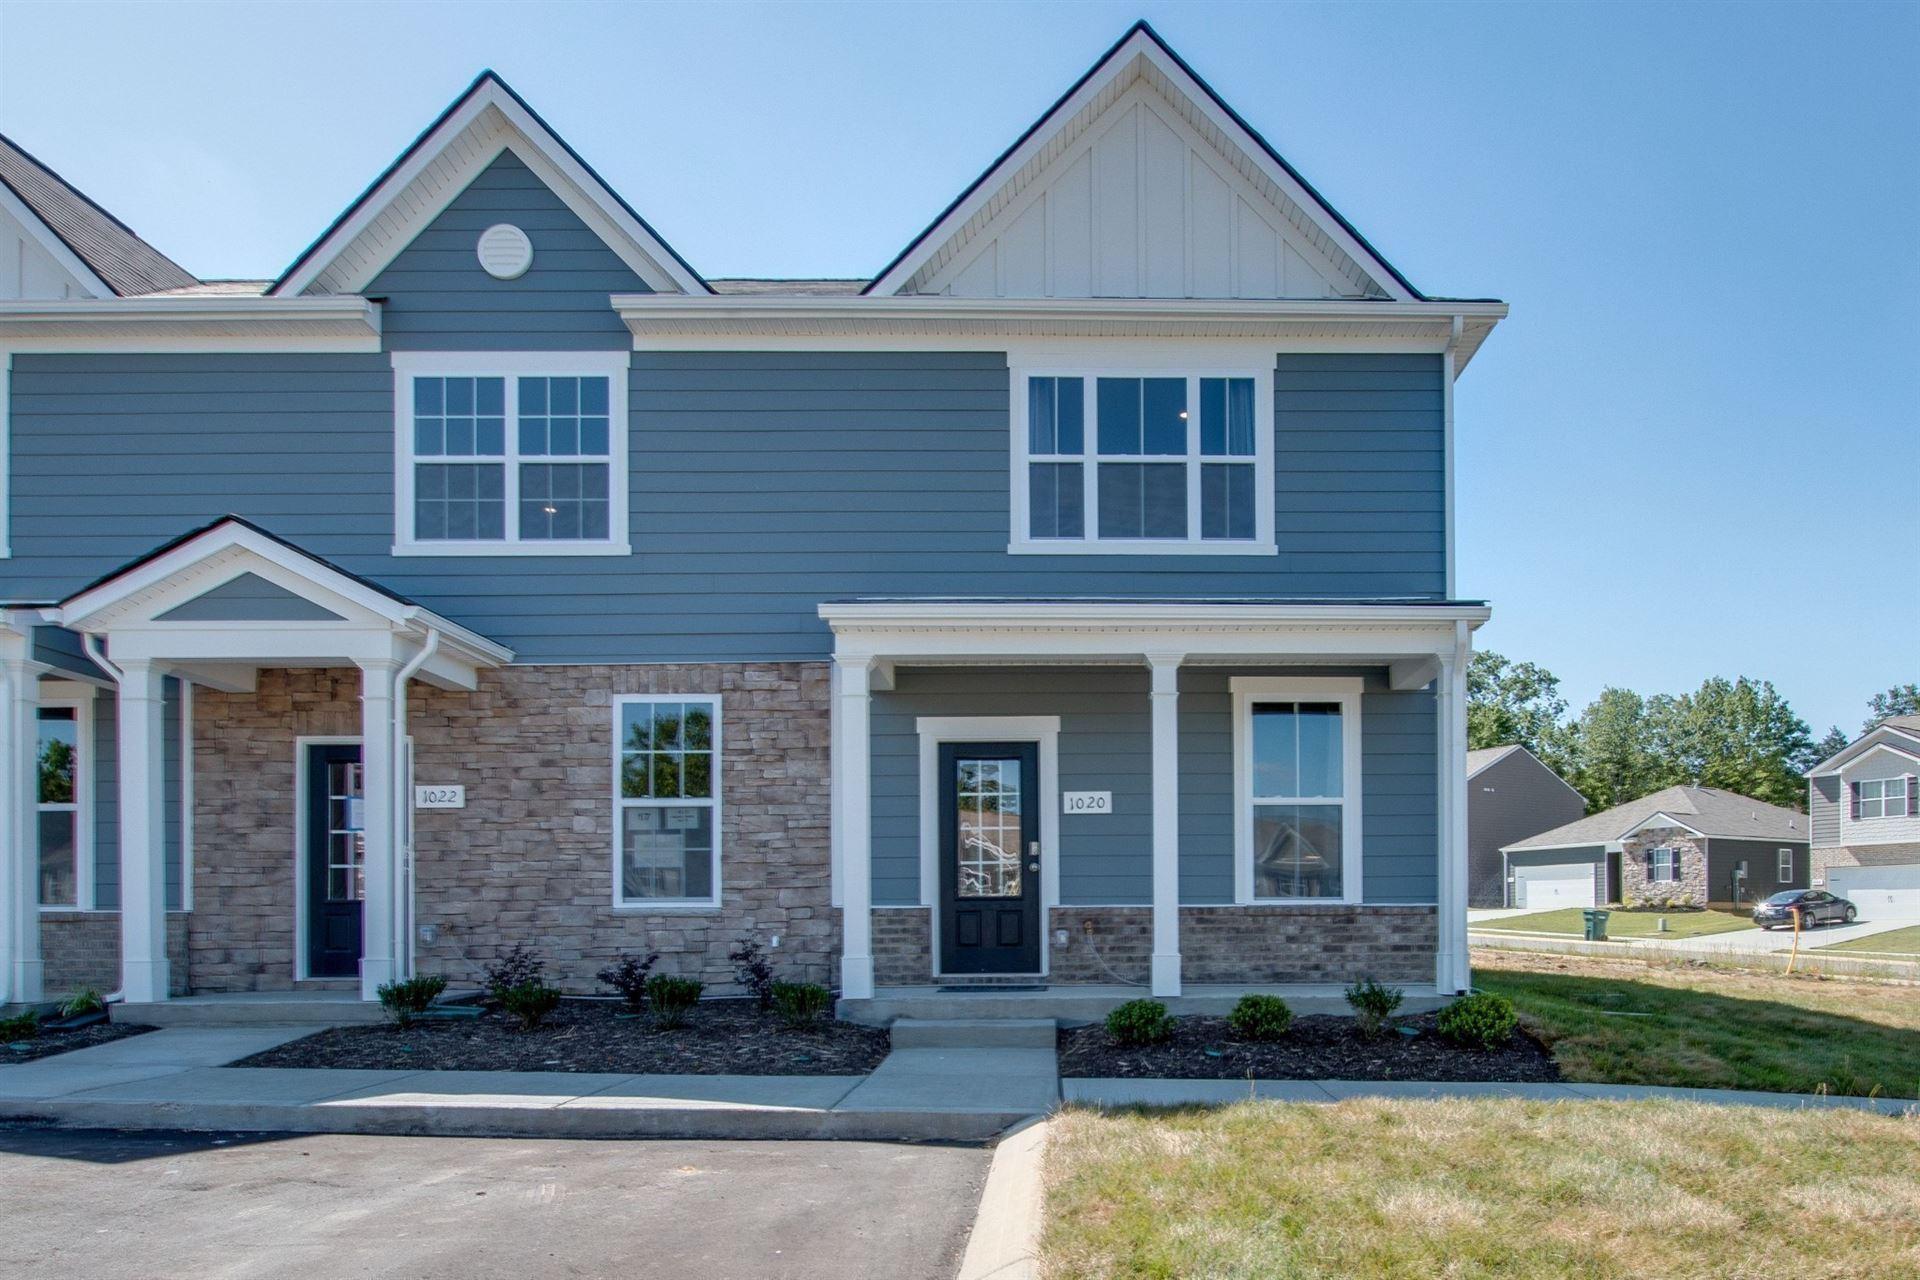 601 Clifford Heights Lot # 28, Columbia, TN 38401 - MLS#: 2231754